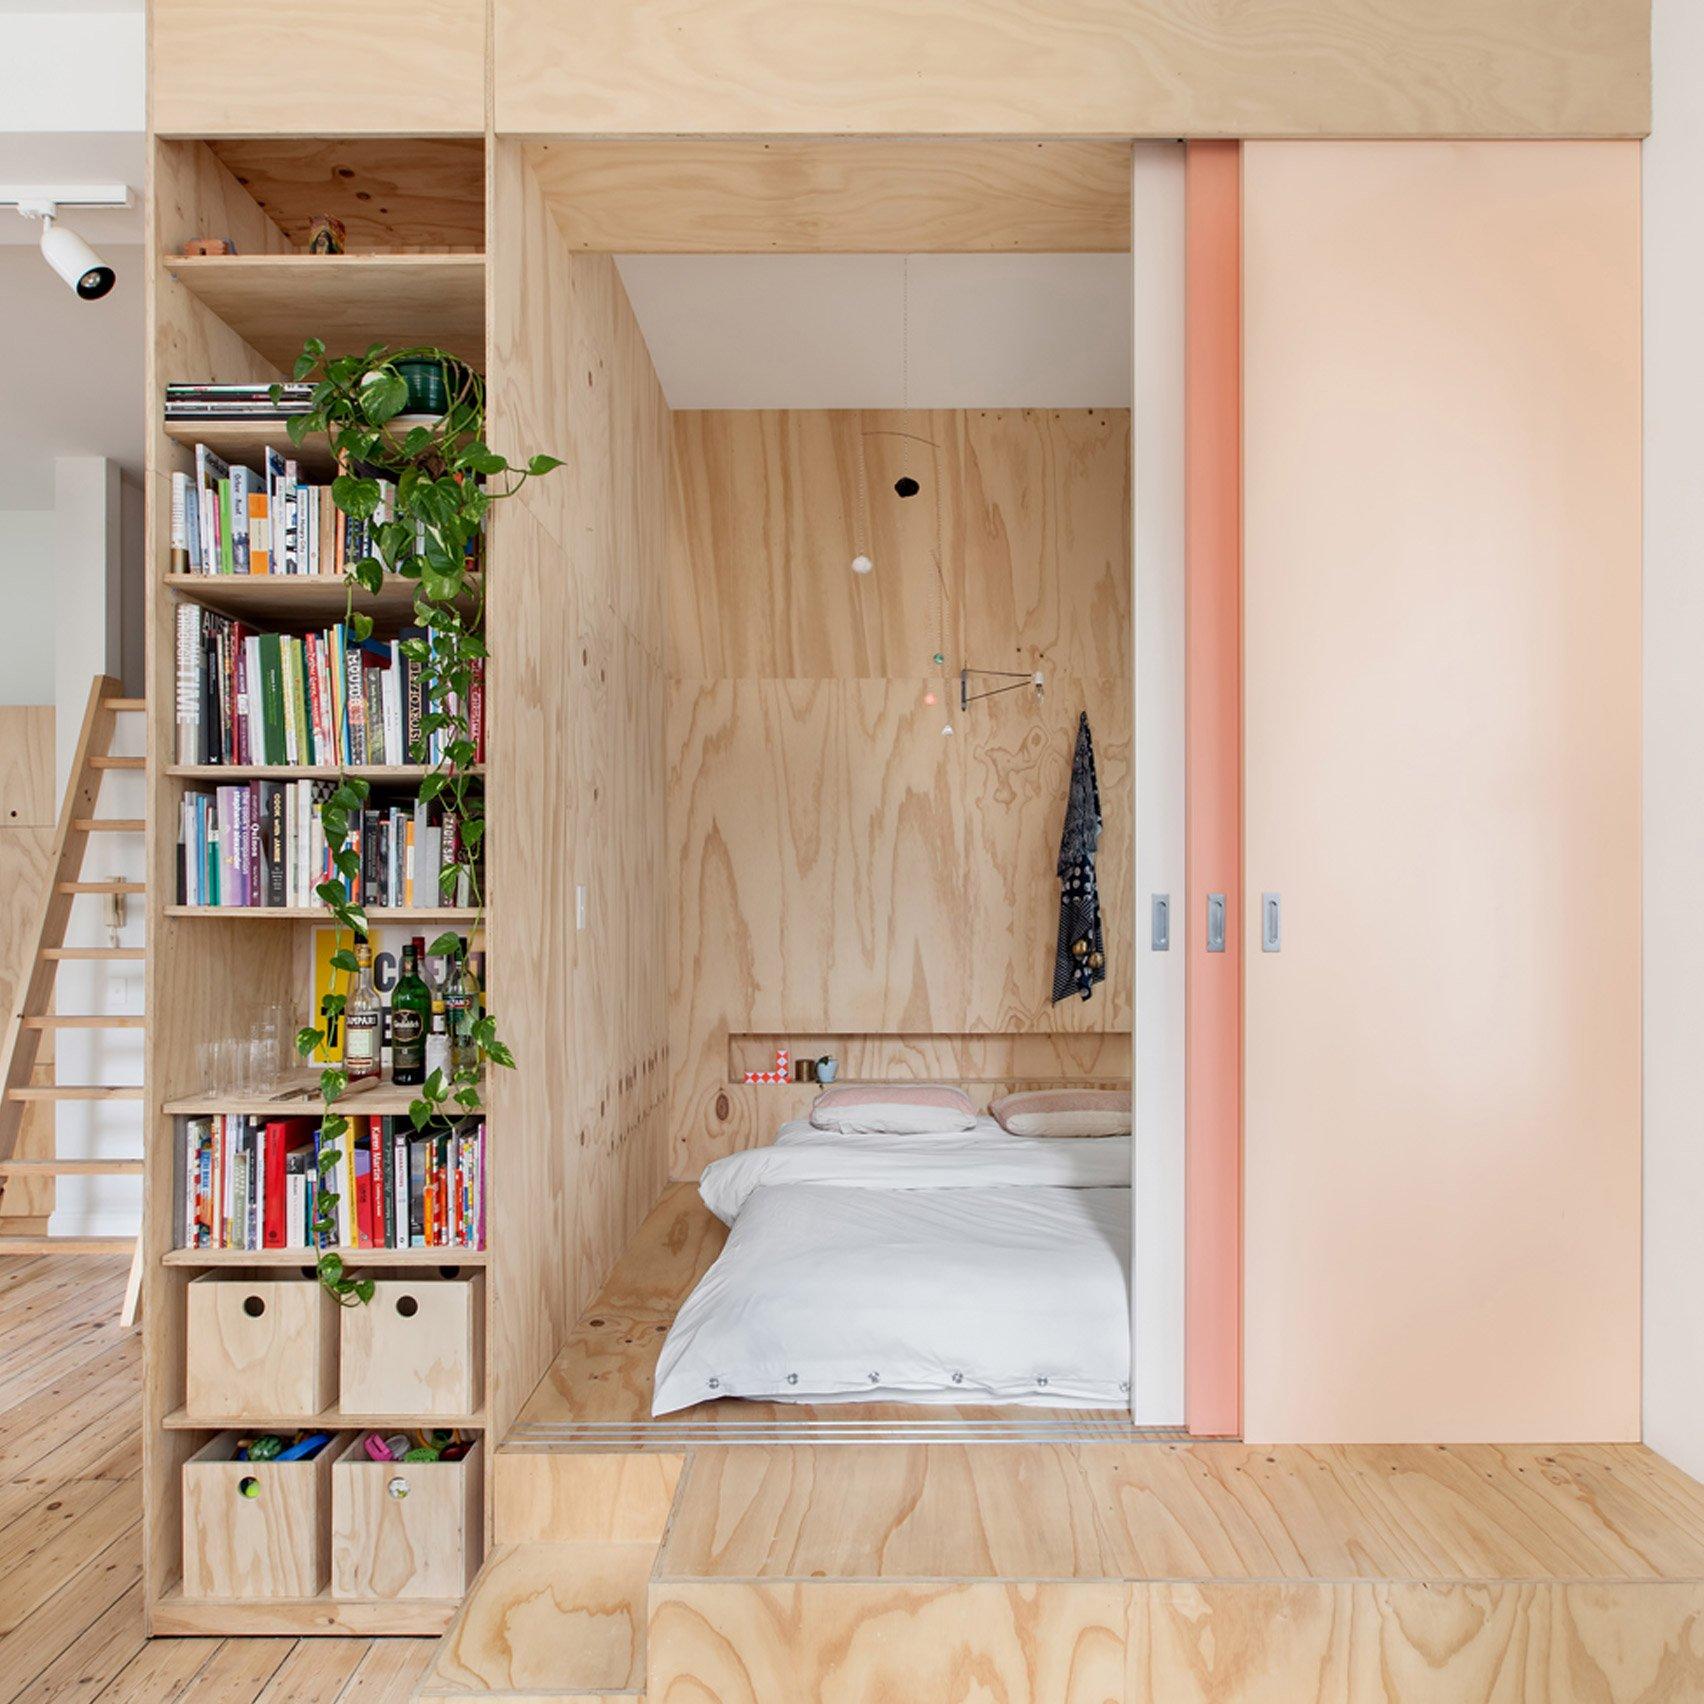 10 of the tiniest bedrooms from Dezeen's Pinterest boards